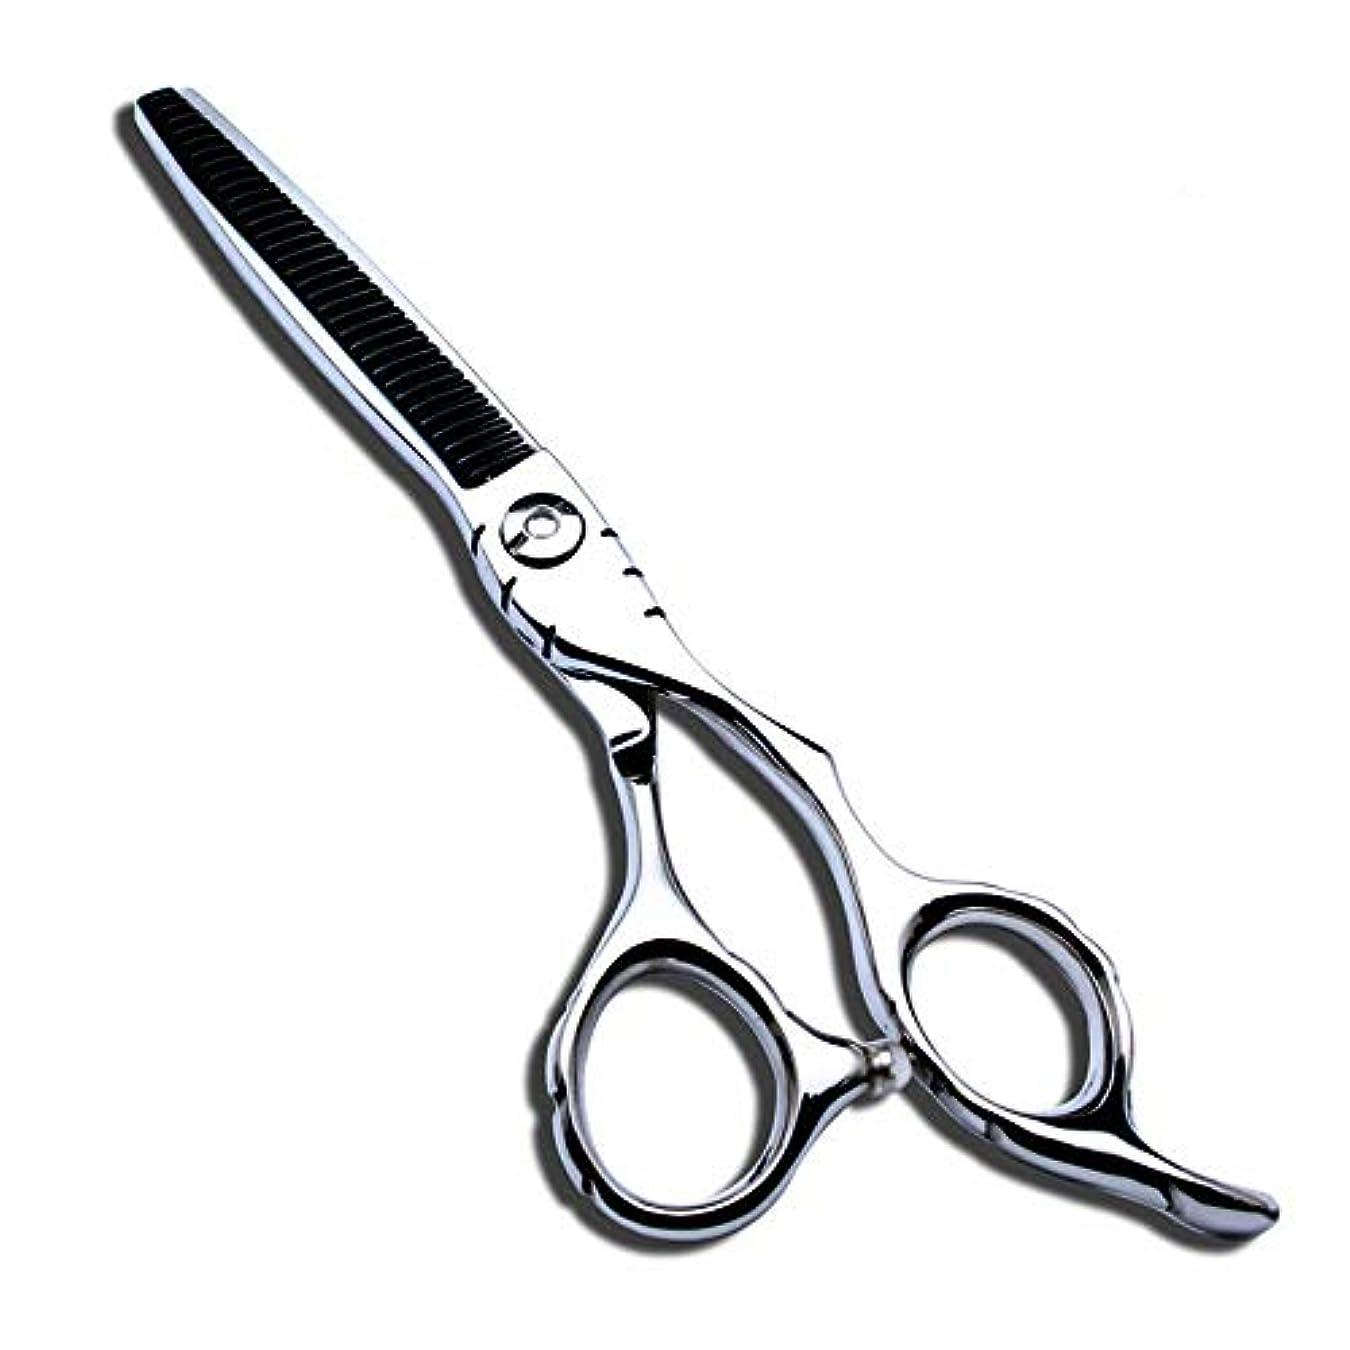 汚染まっすぐにするアッパー6インチ美容院プロフェッショナル440C散髪はさみ モデリングツール (色 : Silver)